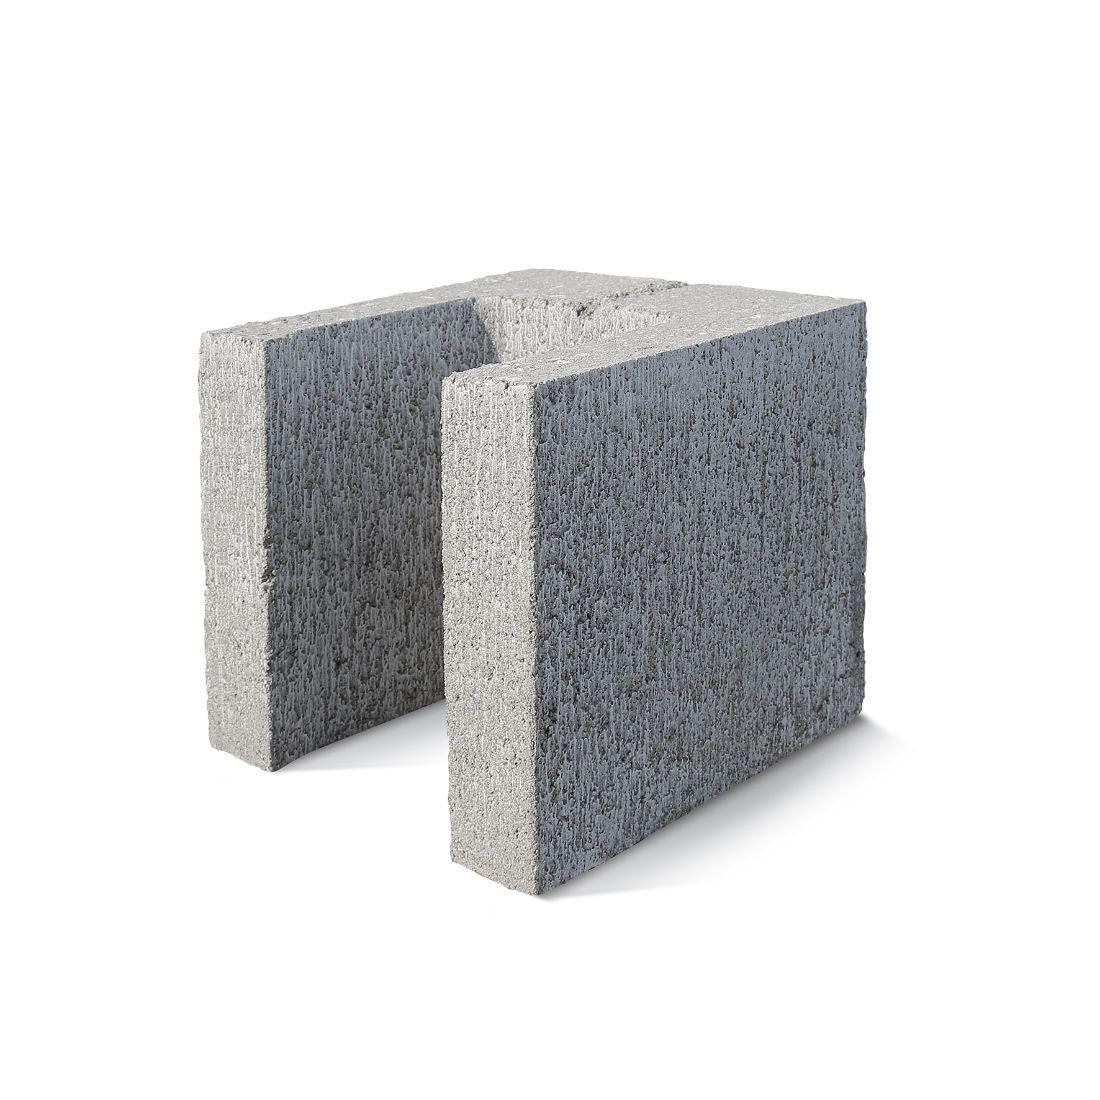 20.12 Lintel And Half End Closer Block 190x190x190mm